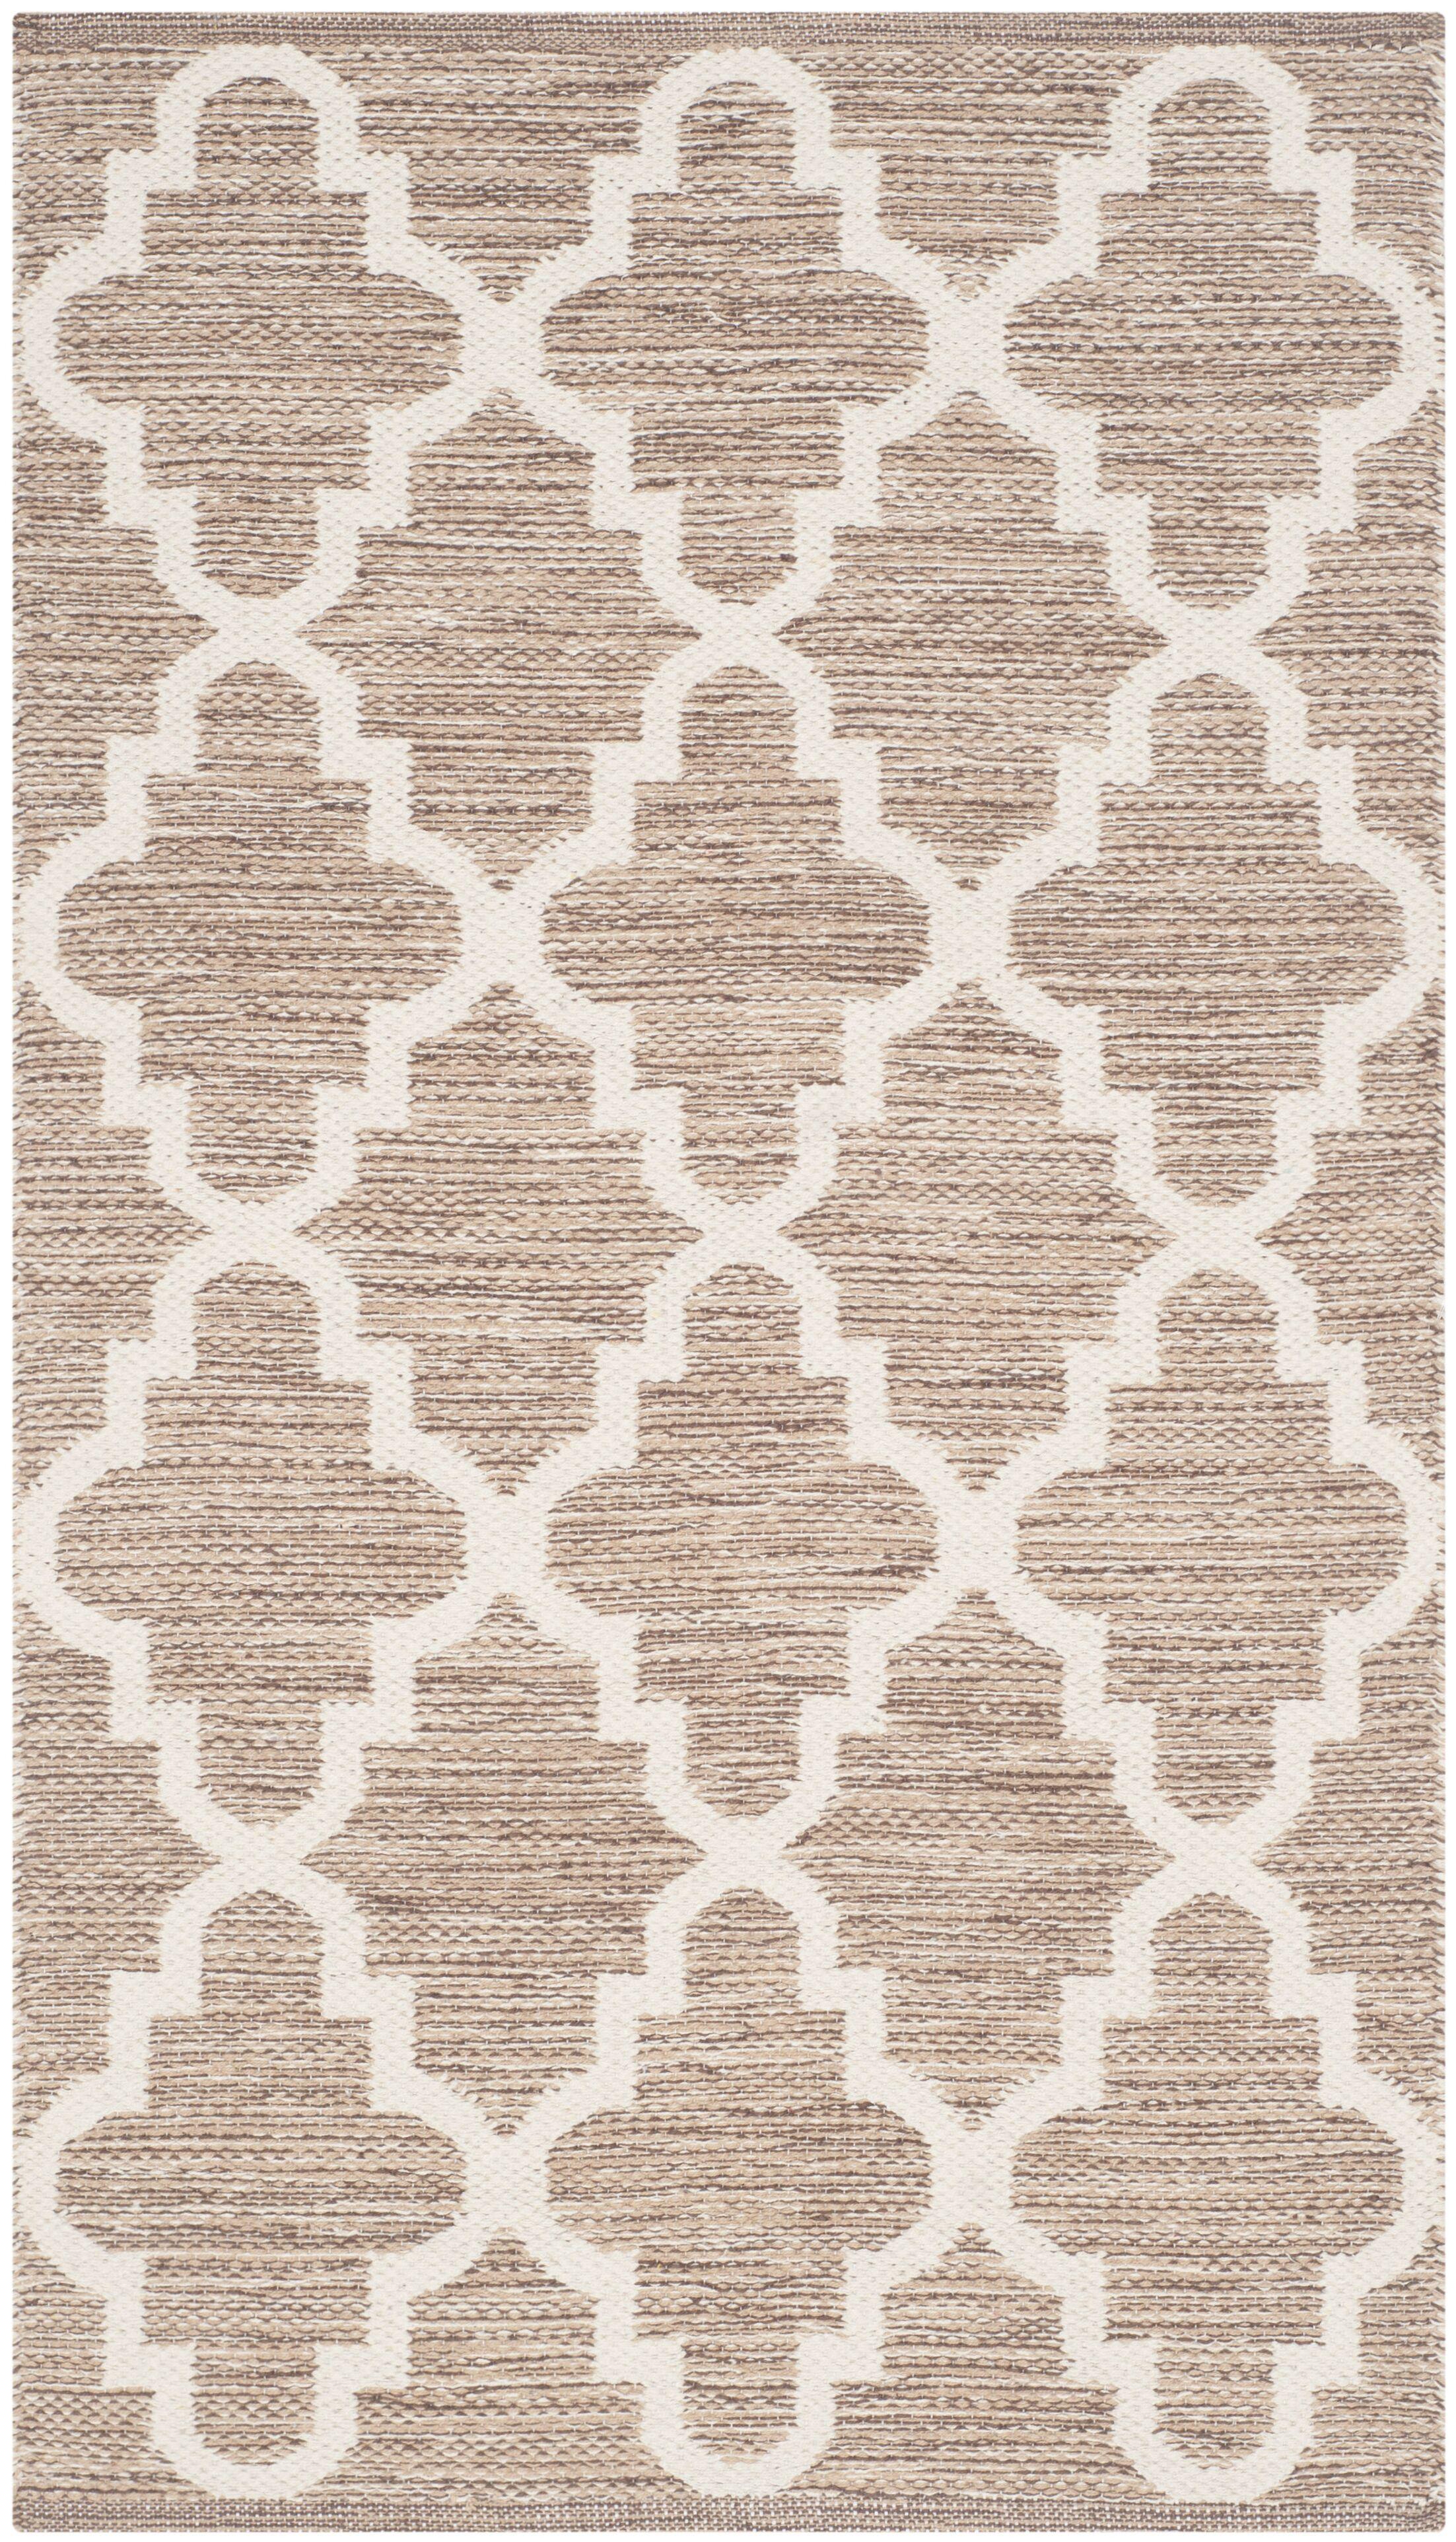 Eberhardt Hand-Woven Beige/Ivory Area Rug Rug Size: Rectangle 9' x 12'